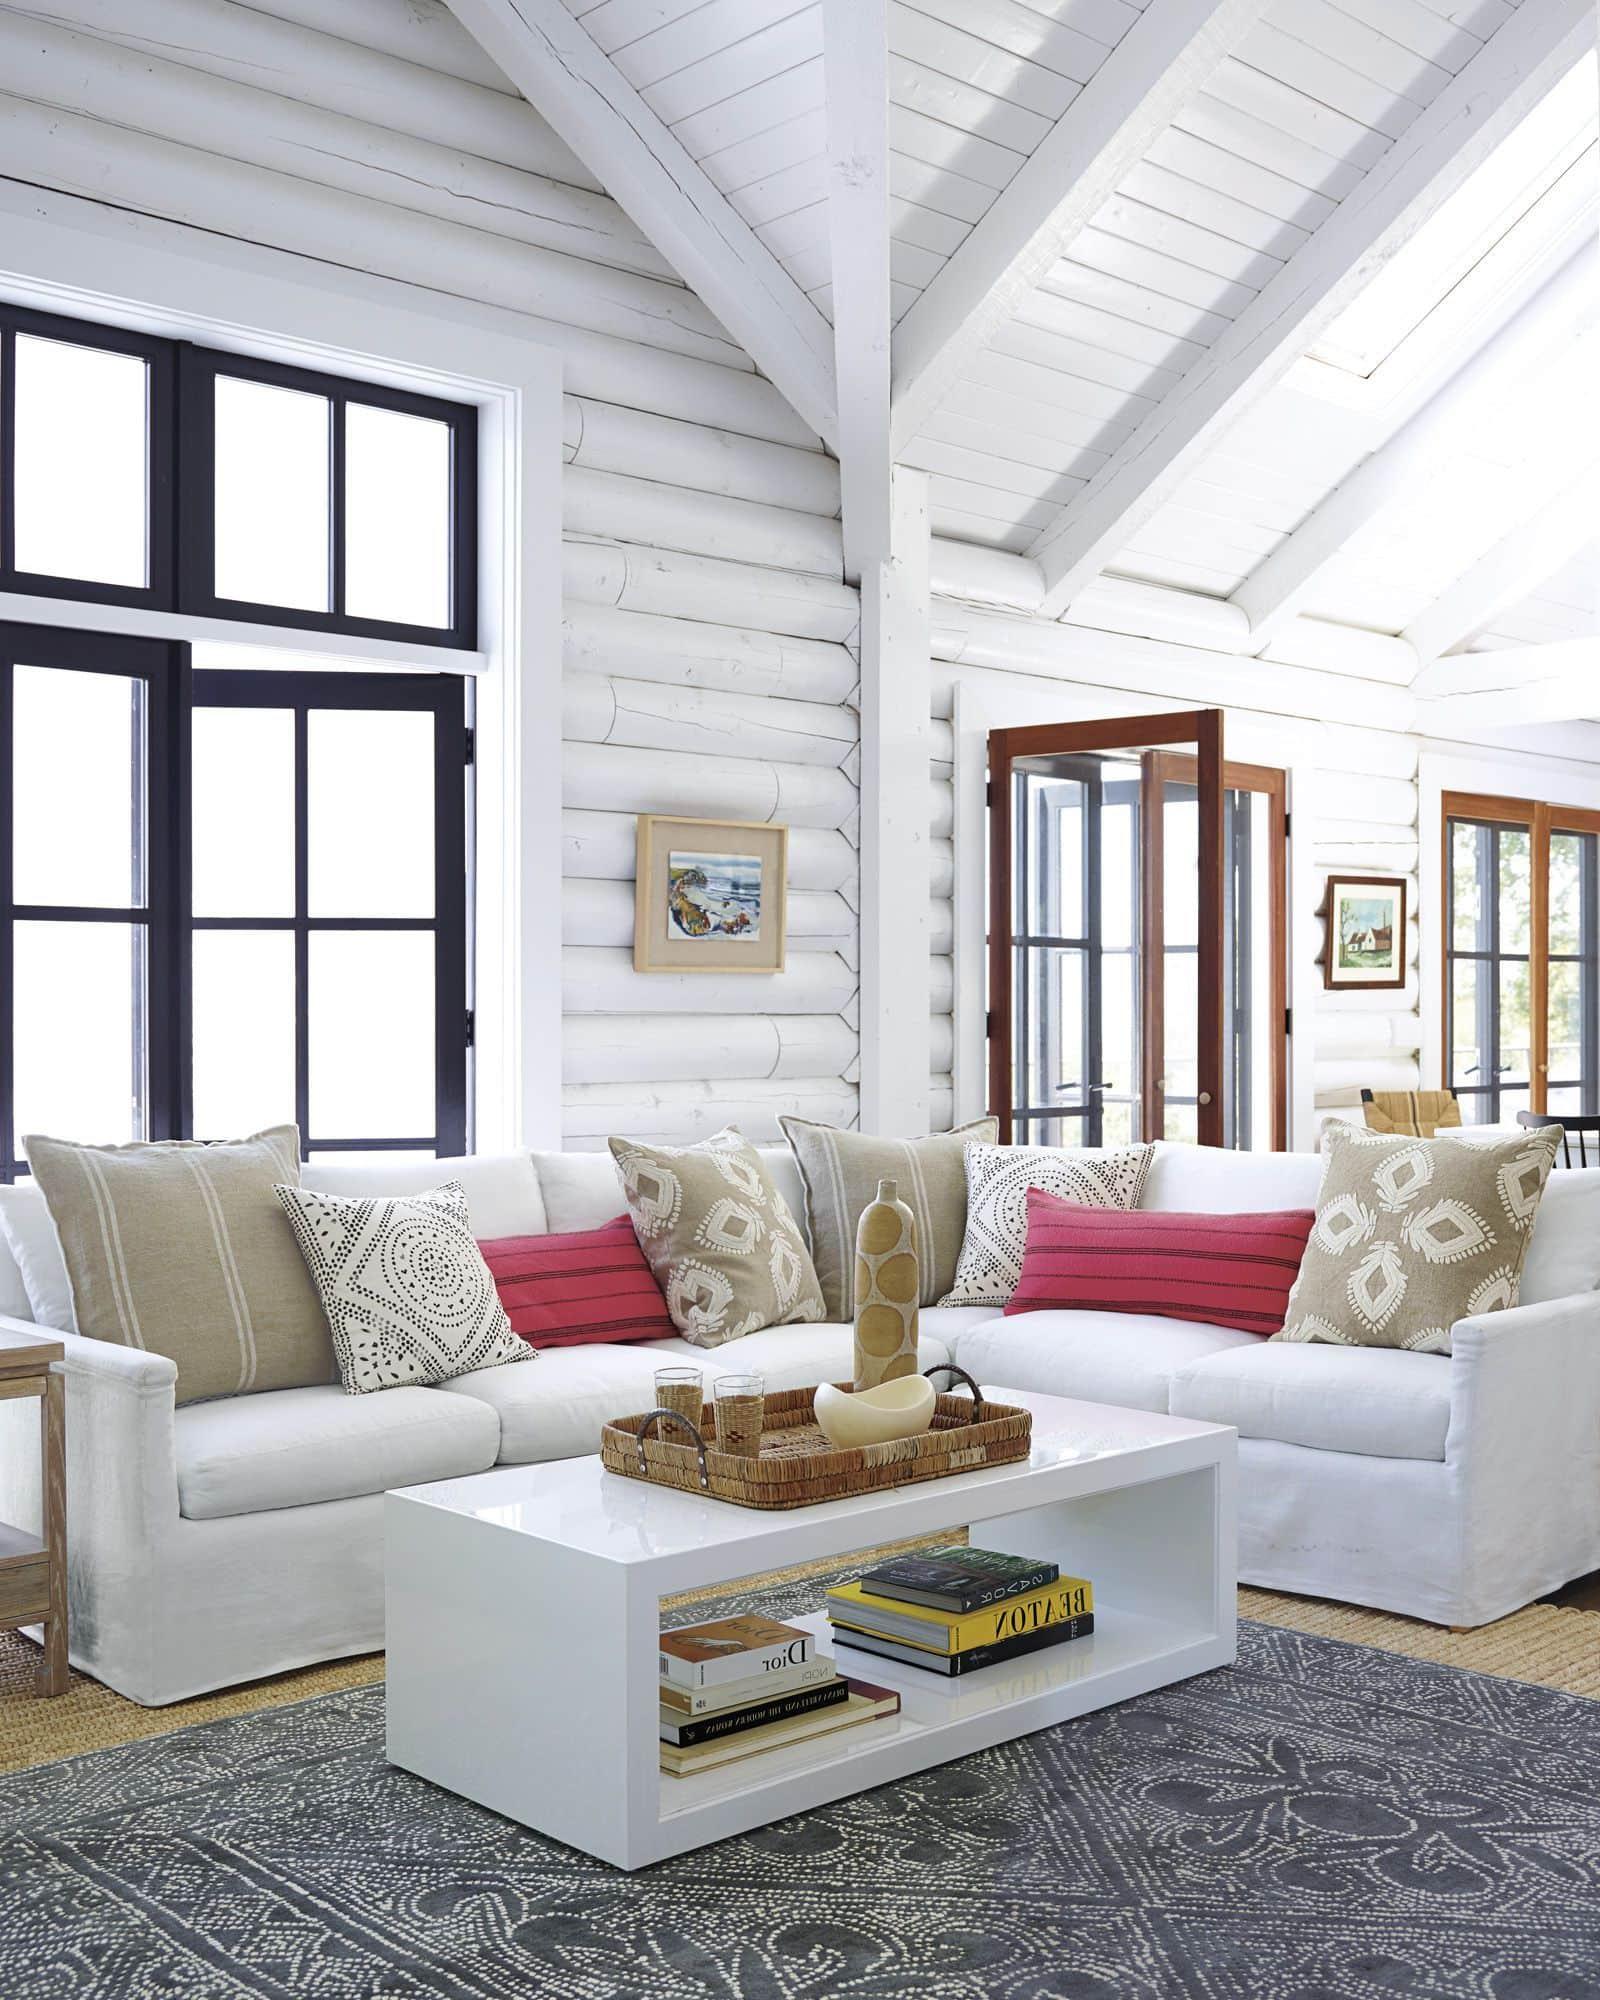 Просторная, светлая гостиная с выбеленными стенами и потолками смотрится поистине шикарно